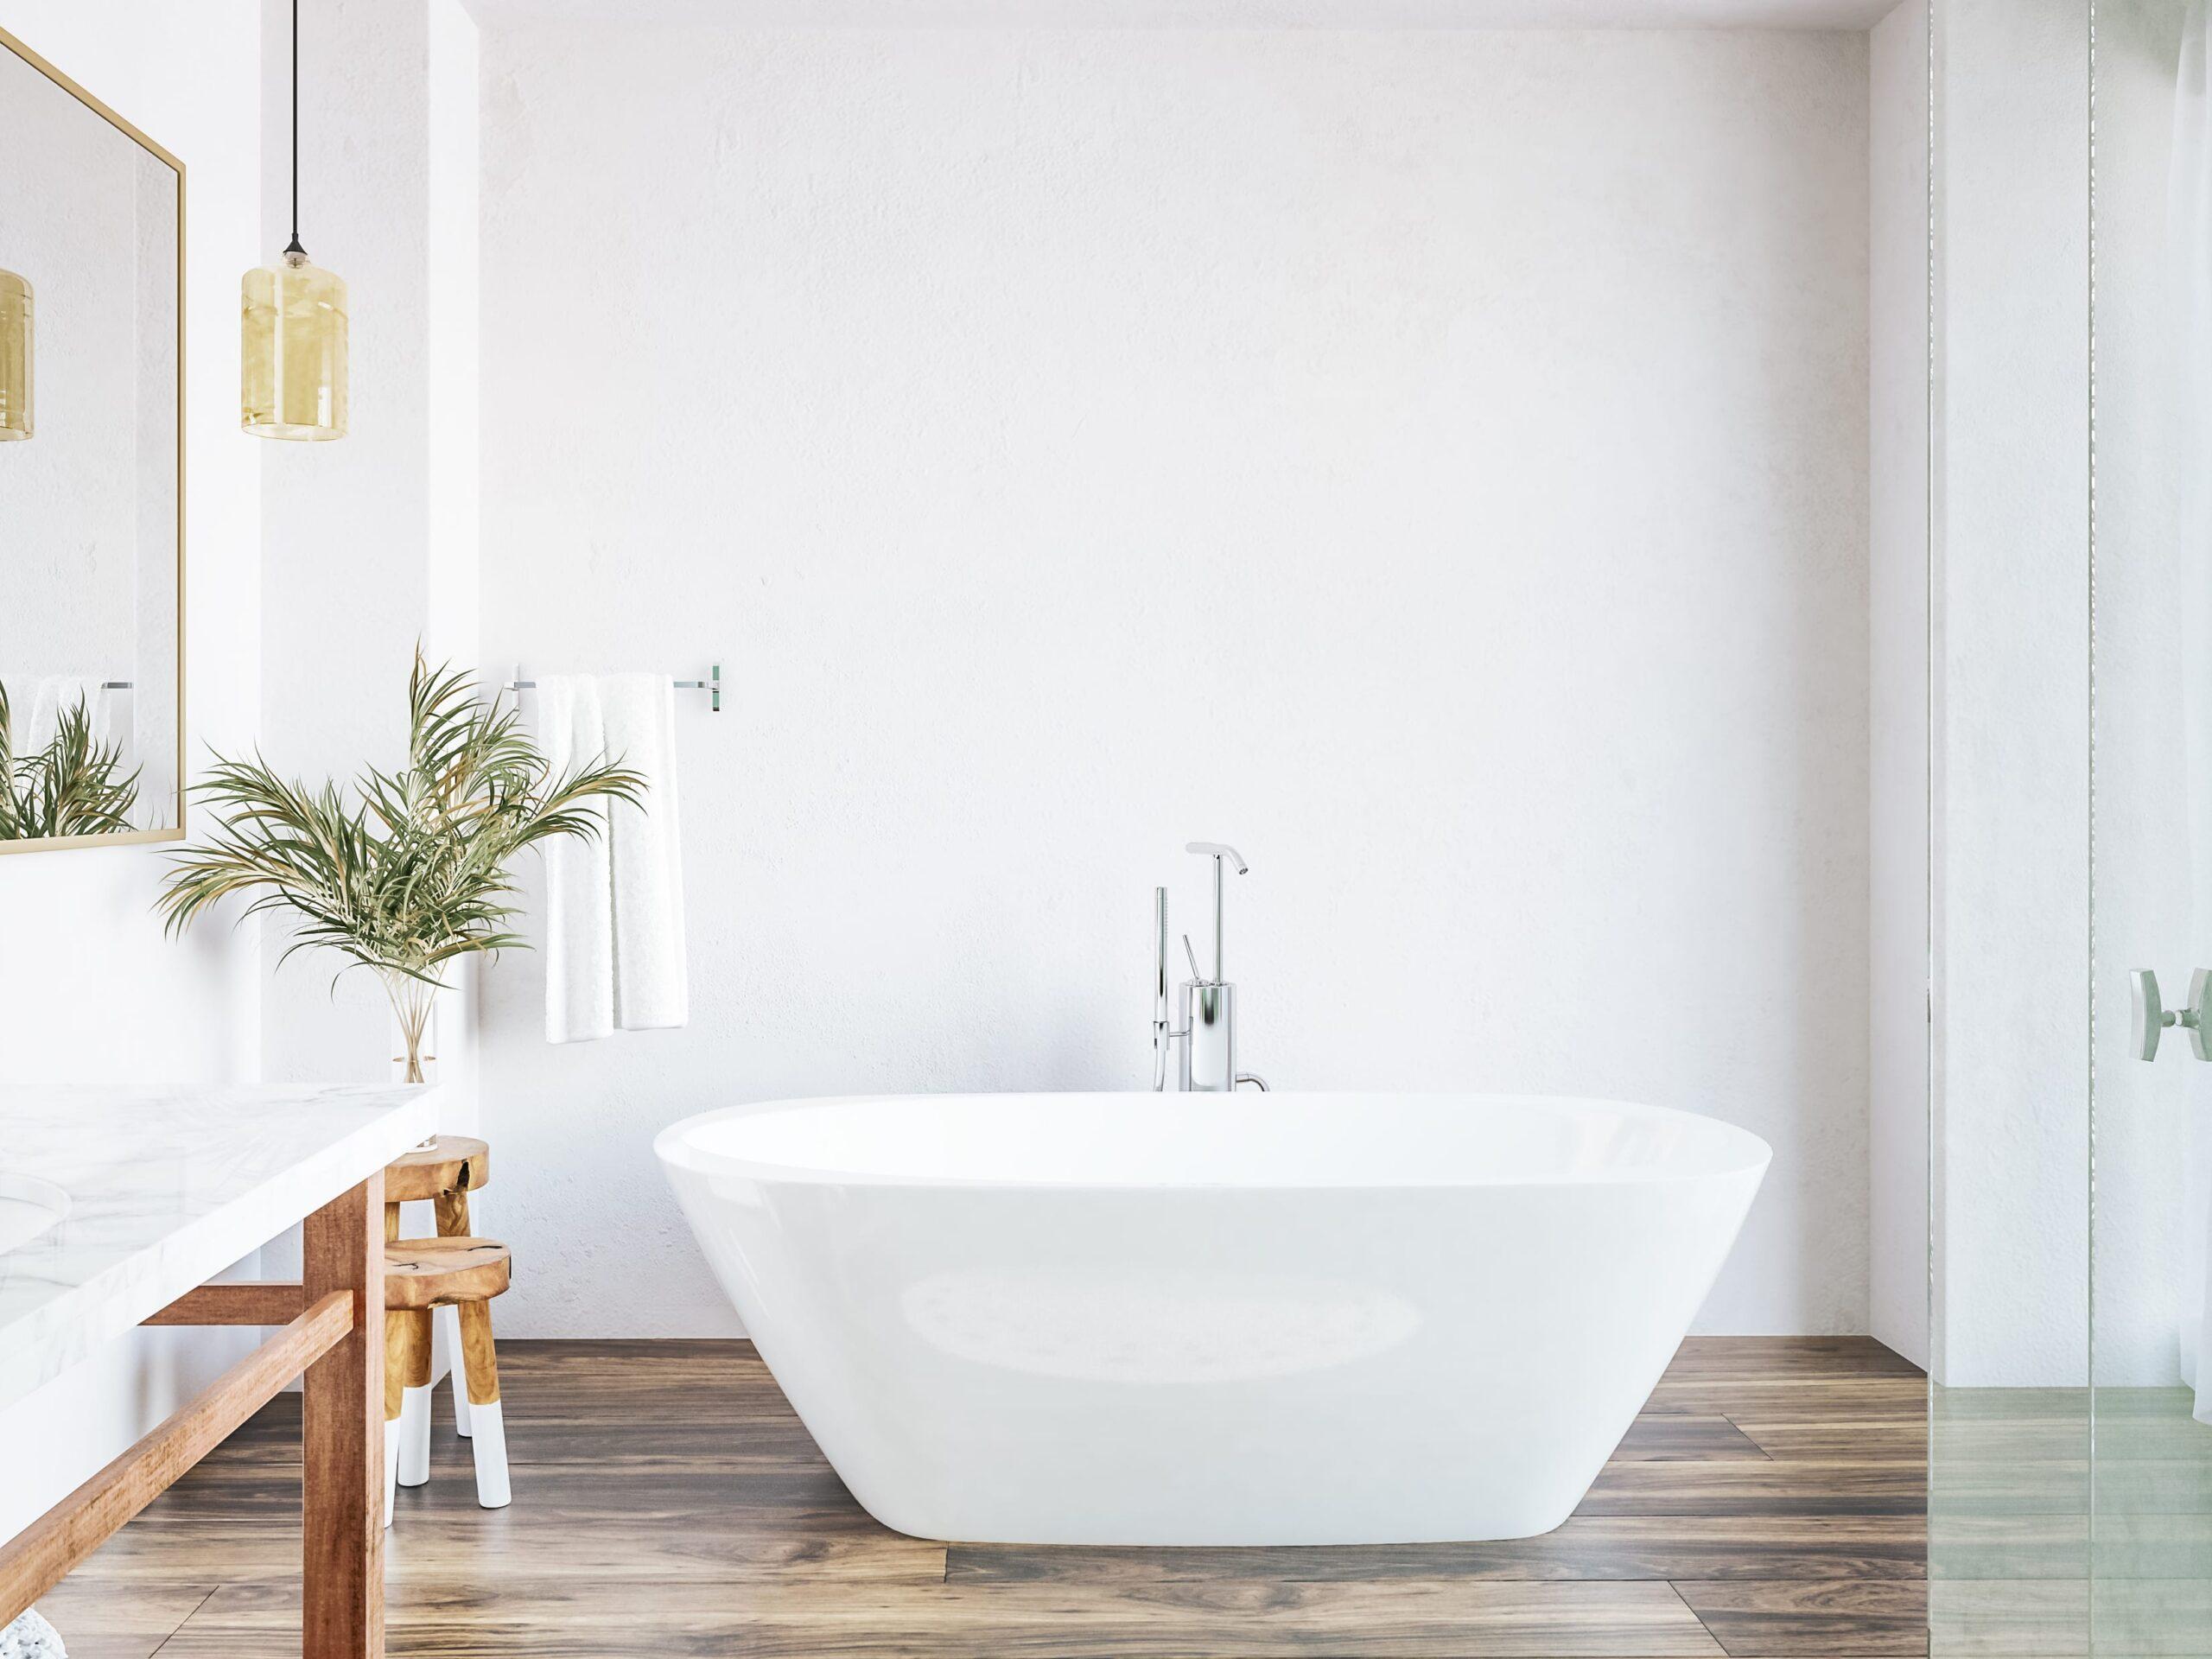 Welk stucwerk is geschikt voor badkamers?